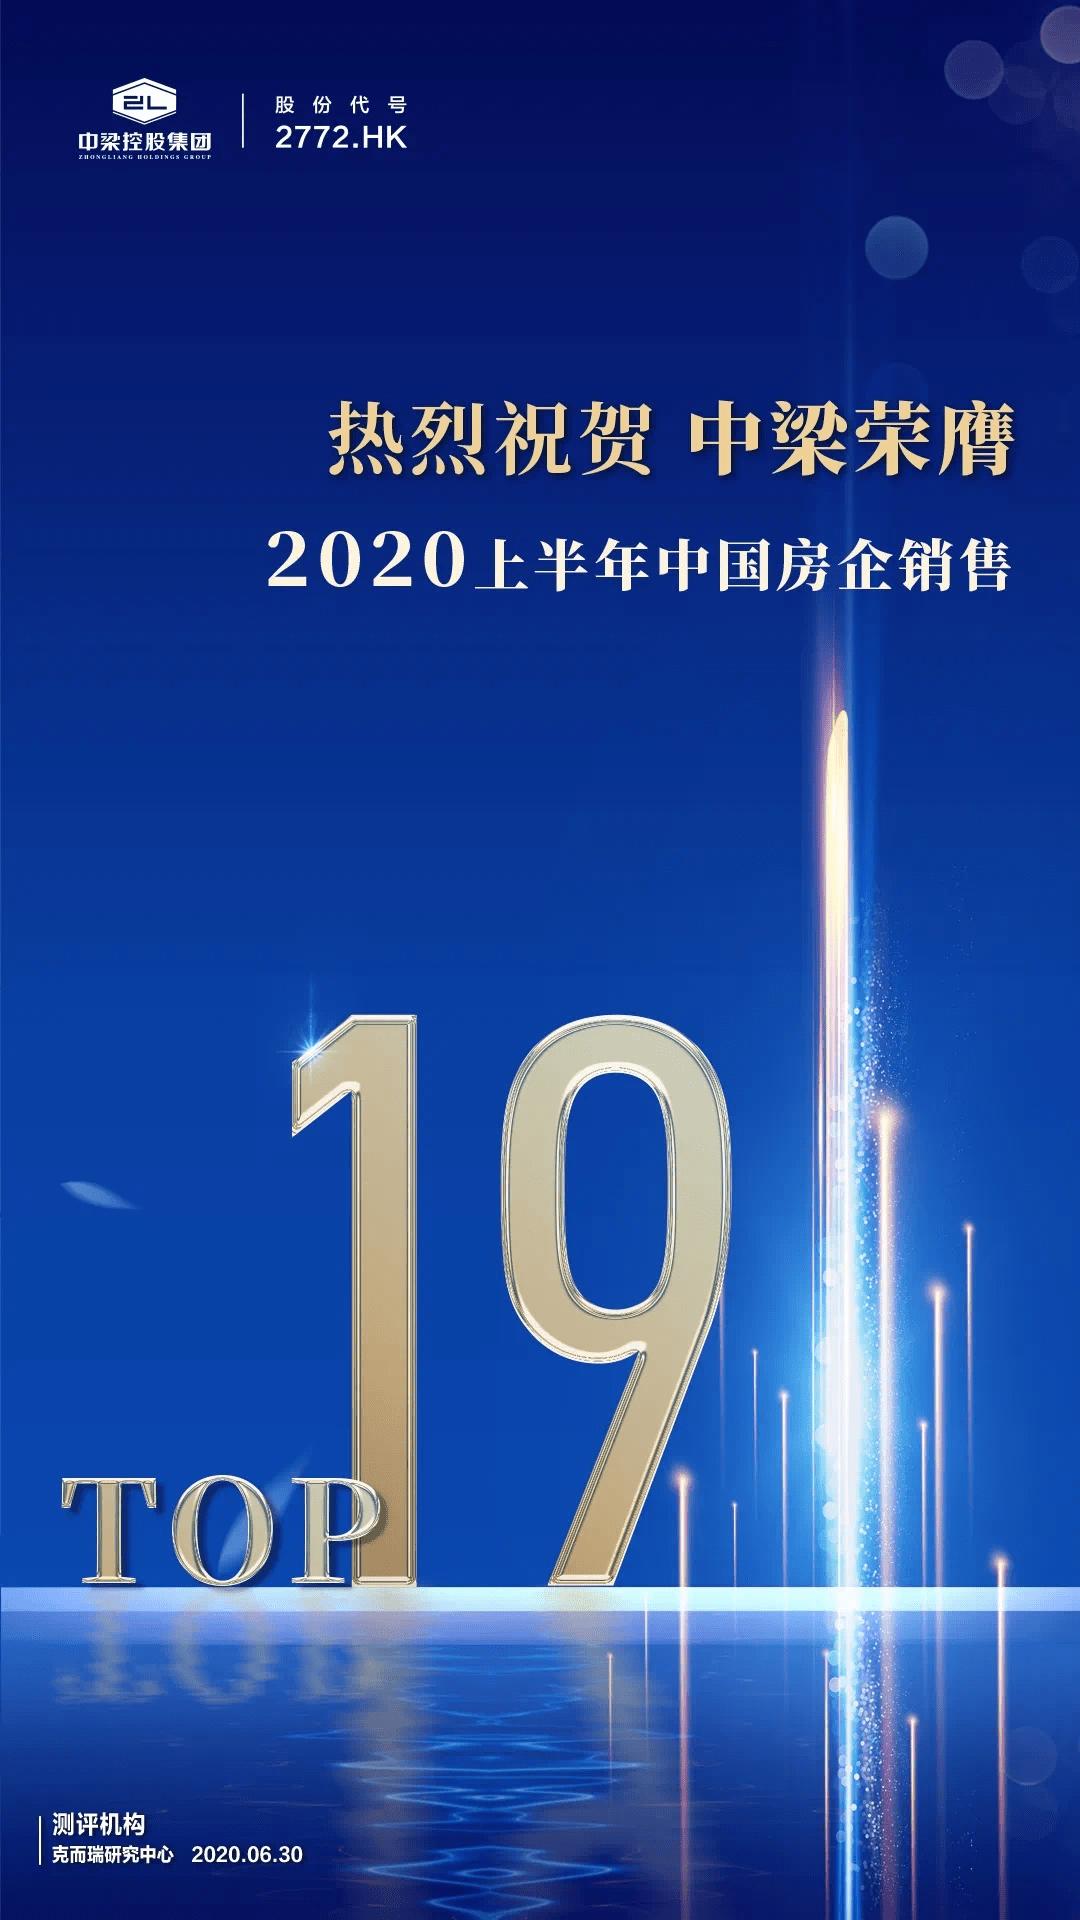 梁·头条丨乘风破浪上半年,中梁荣膺房企销售TOP19